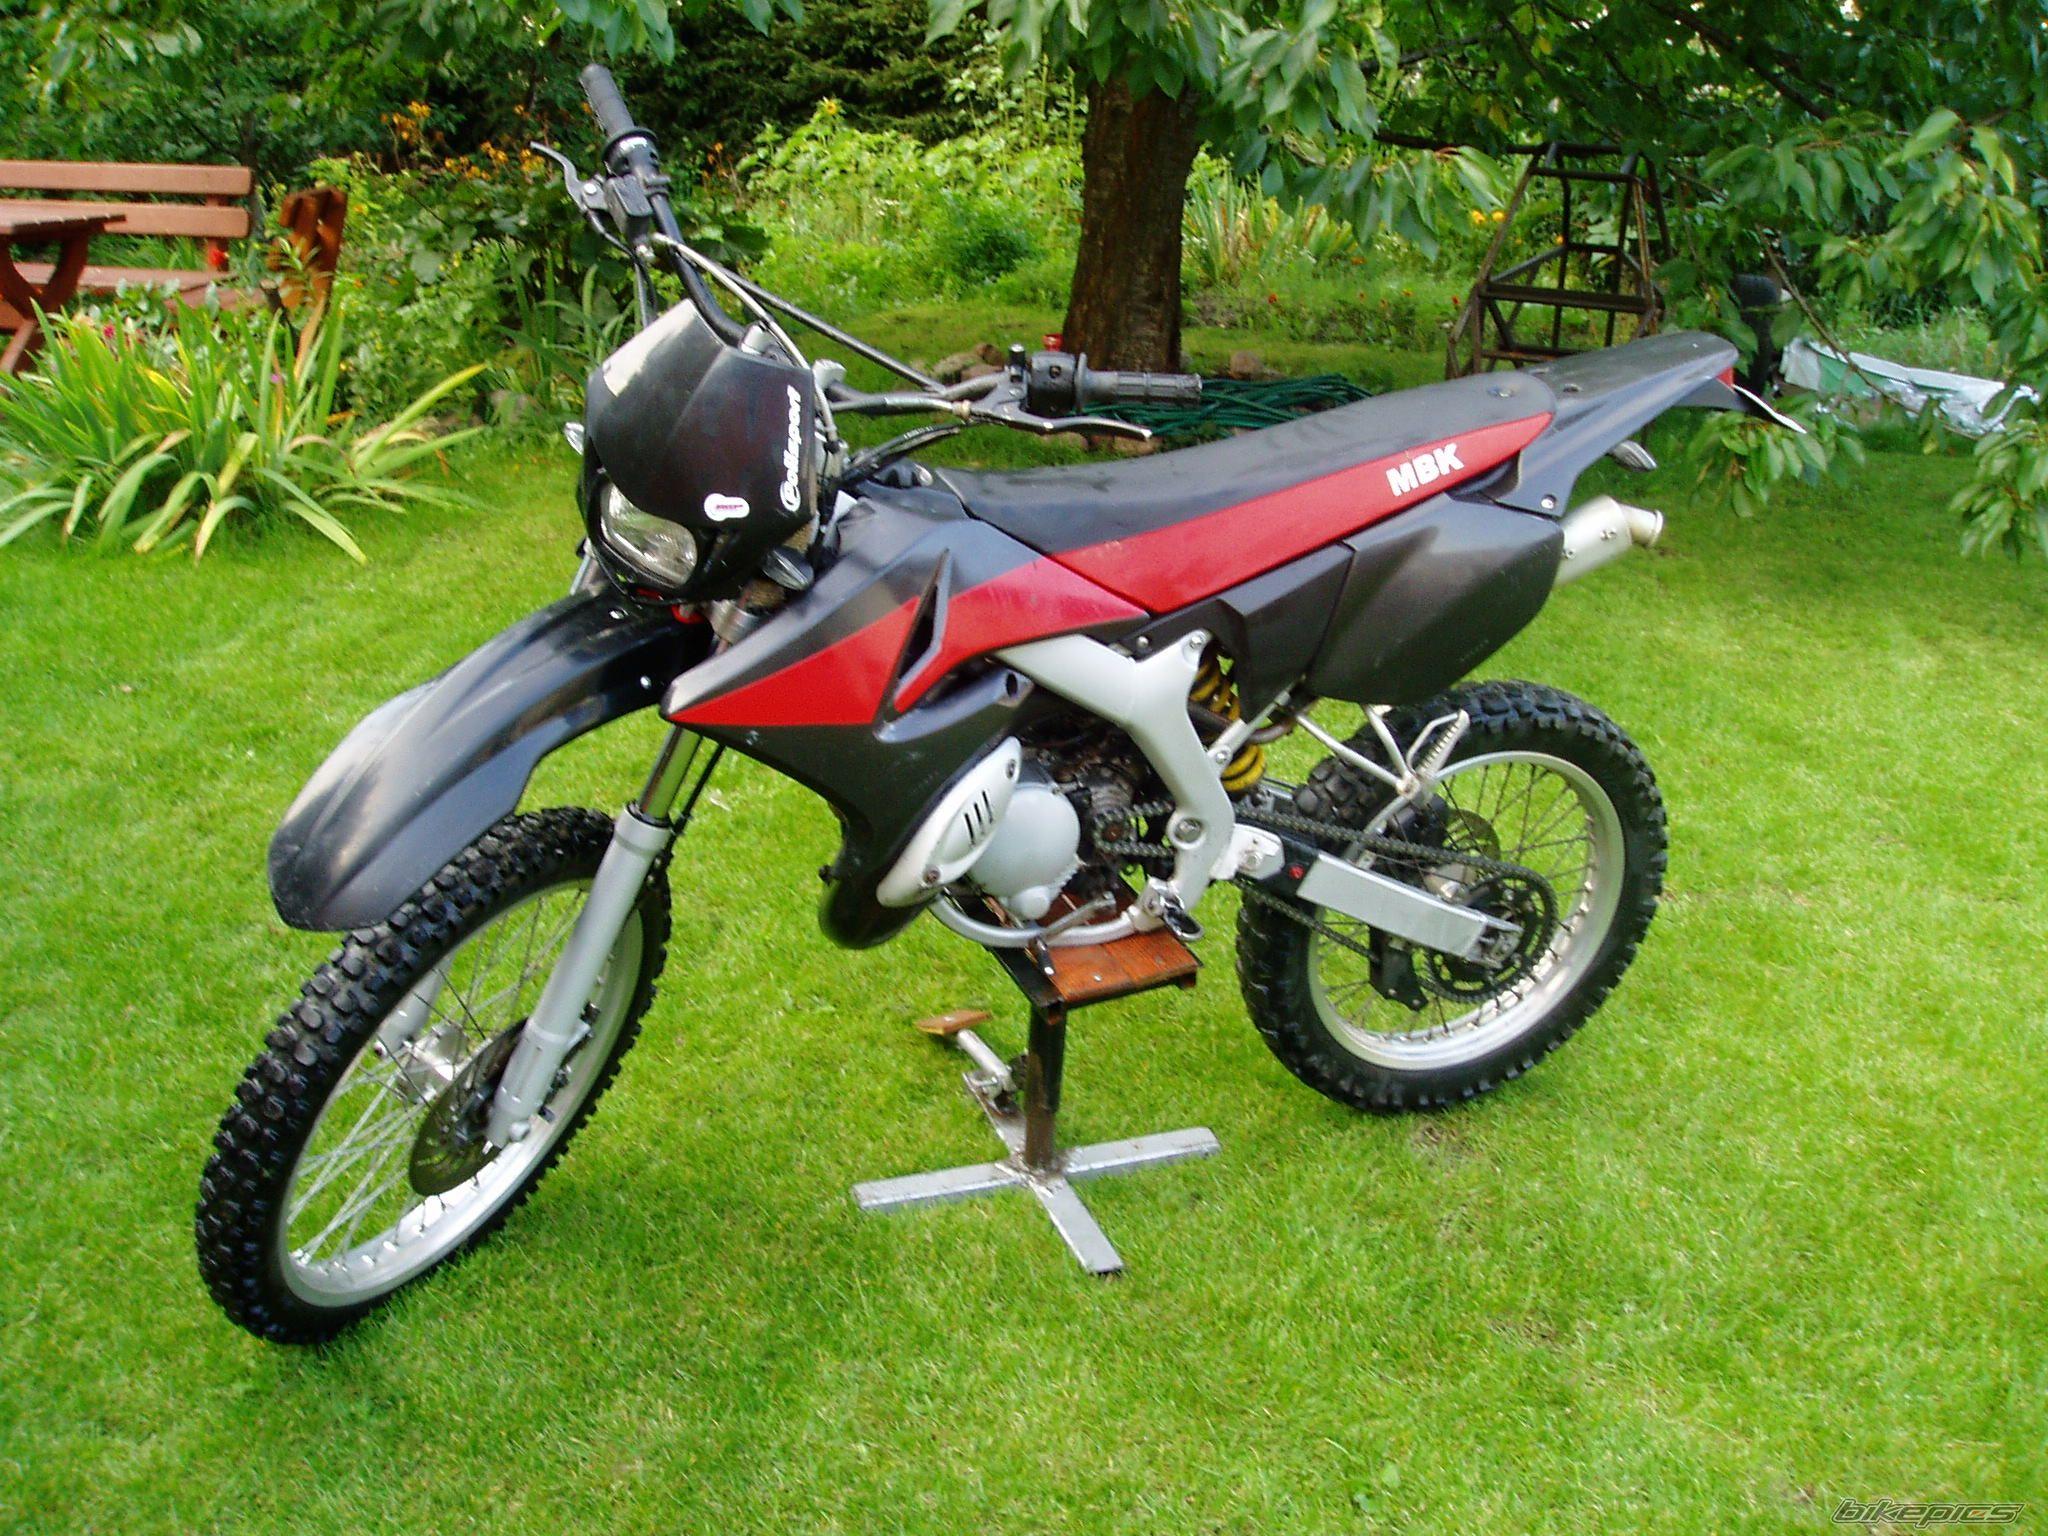 2005 Yamaha DT 50 R de Triguers - Hexa Moto